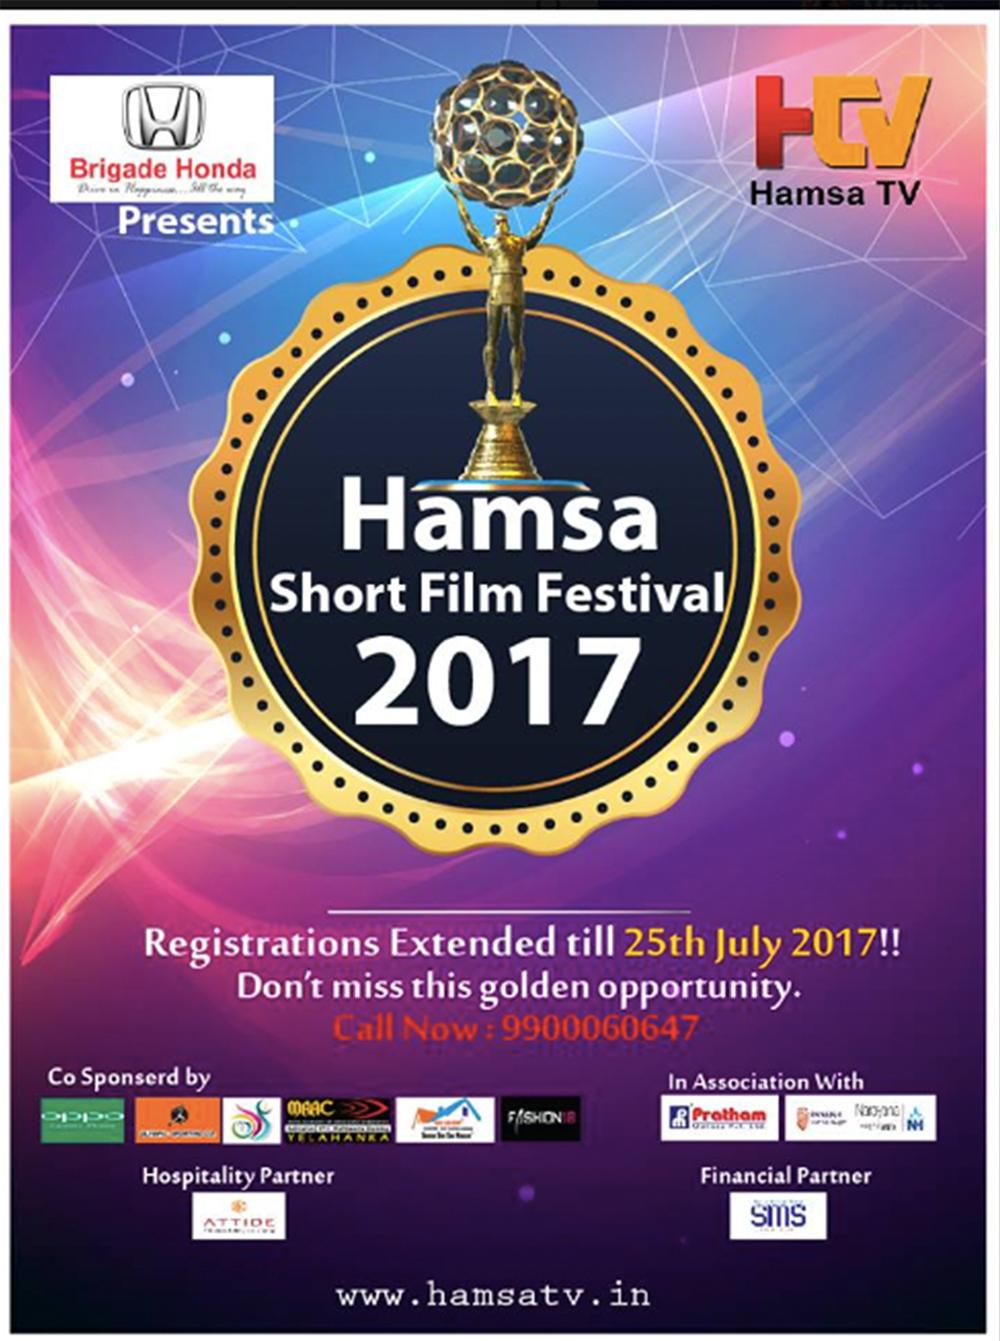 Hamsa TV